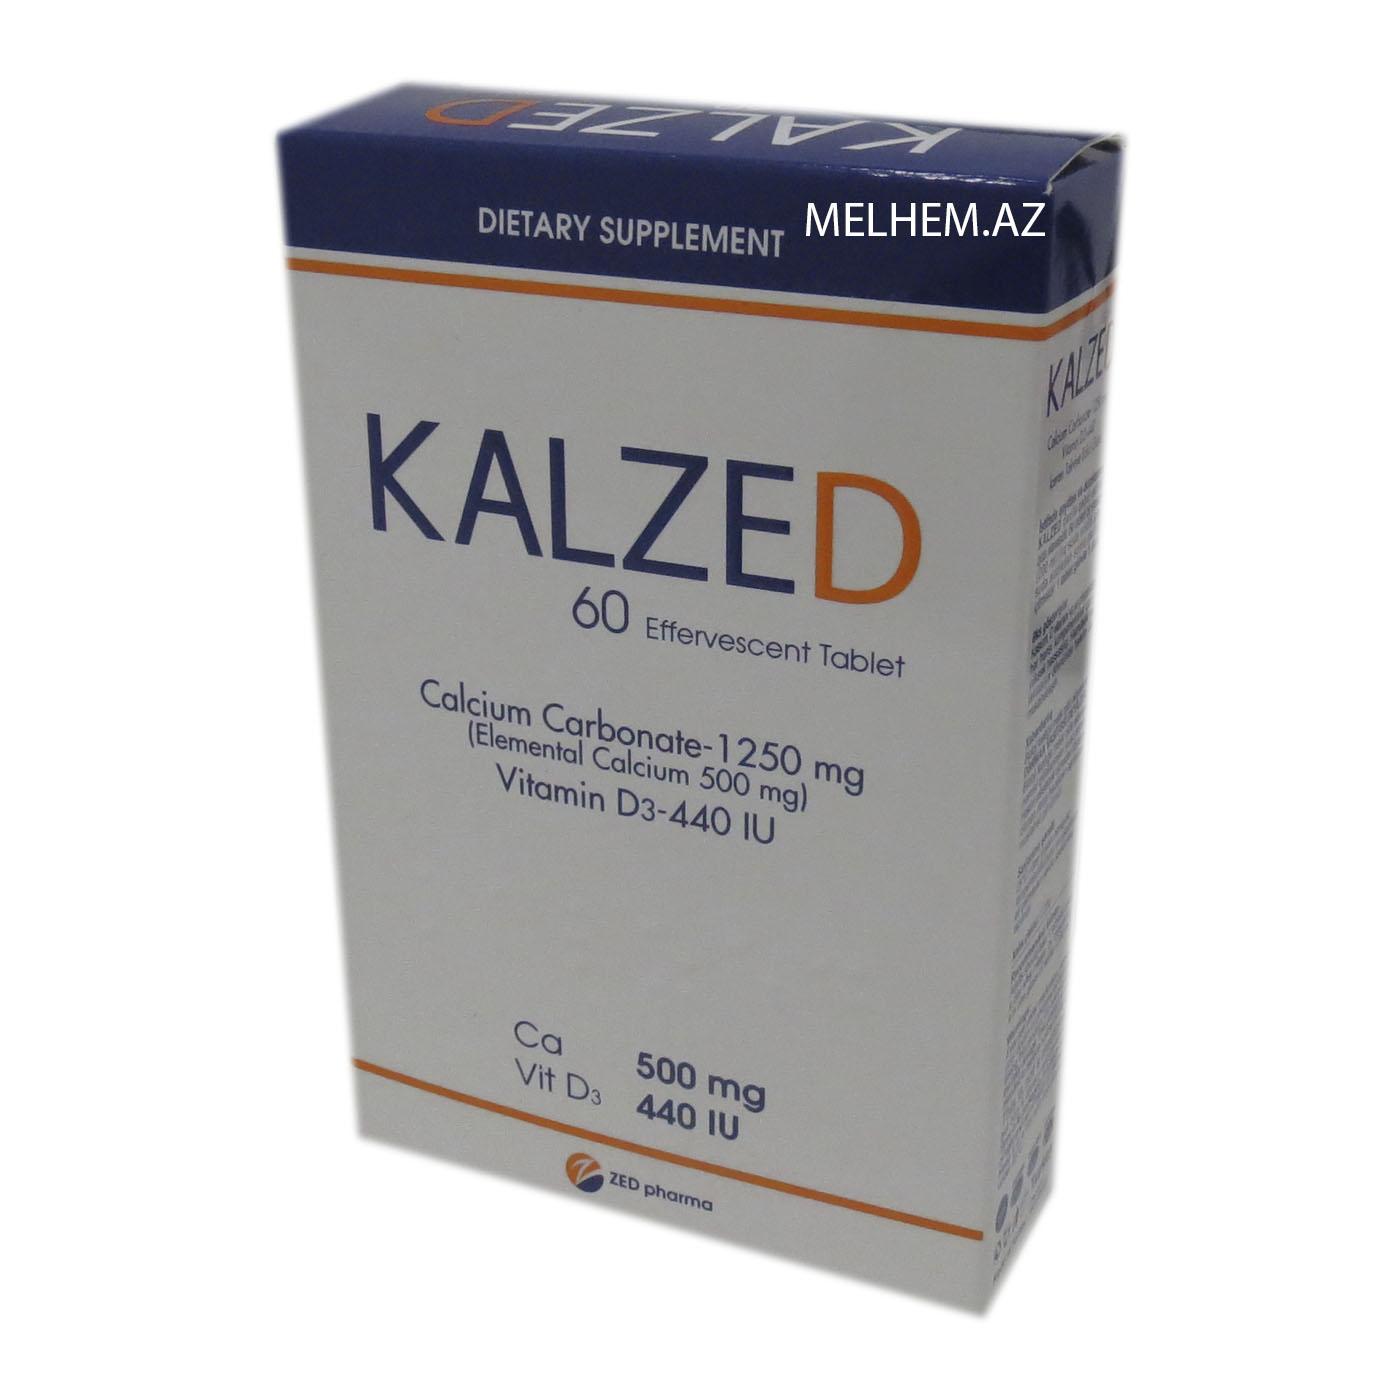 KALZED N60